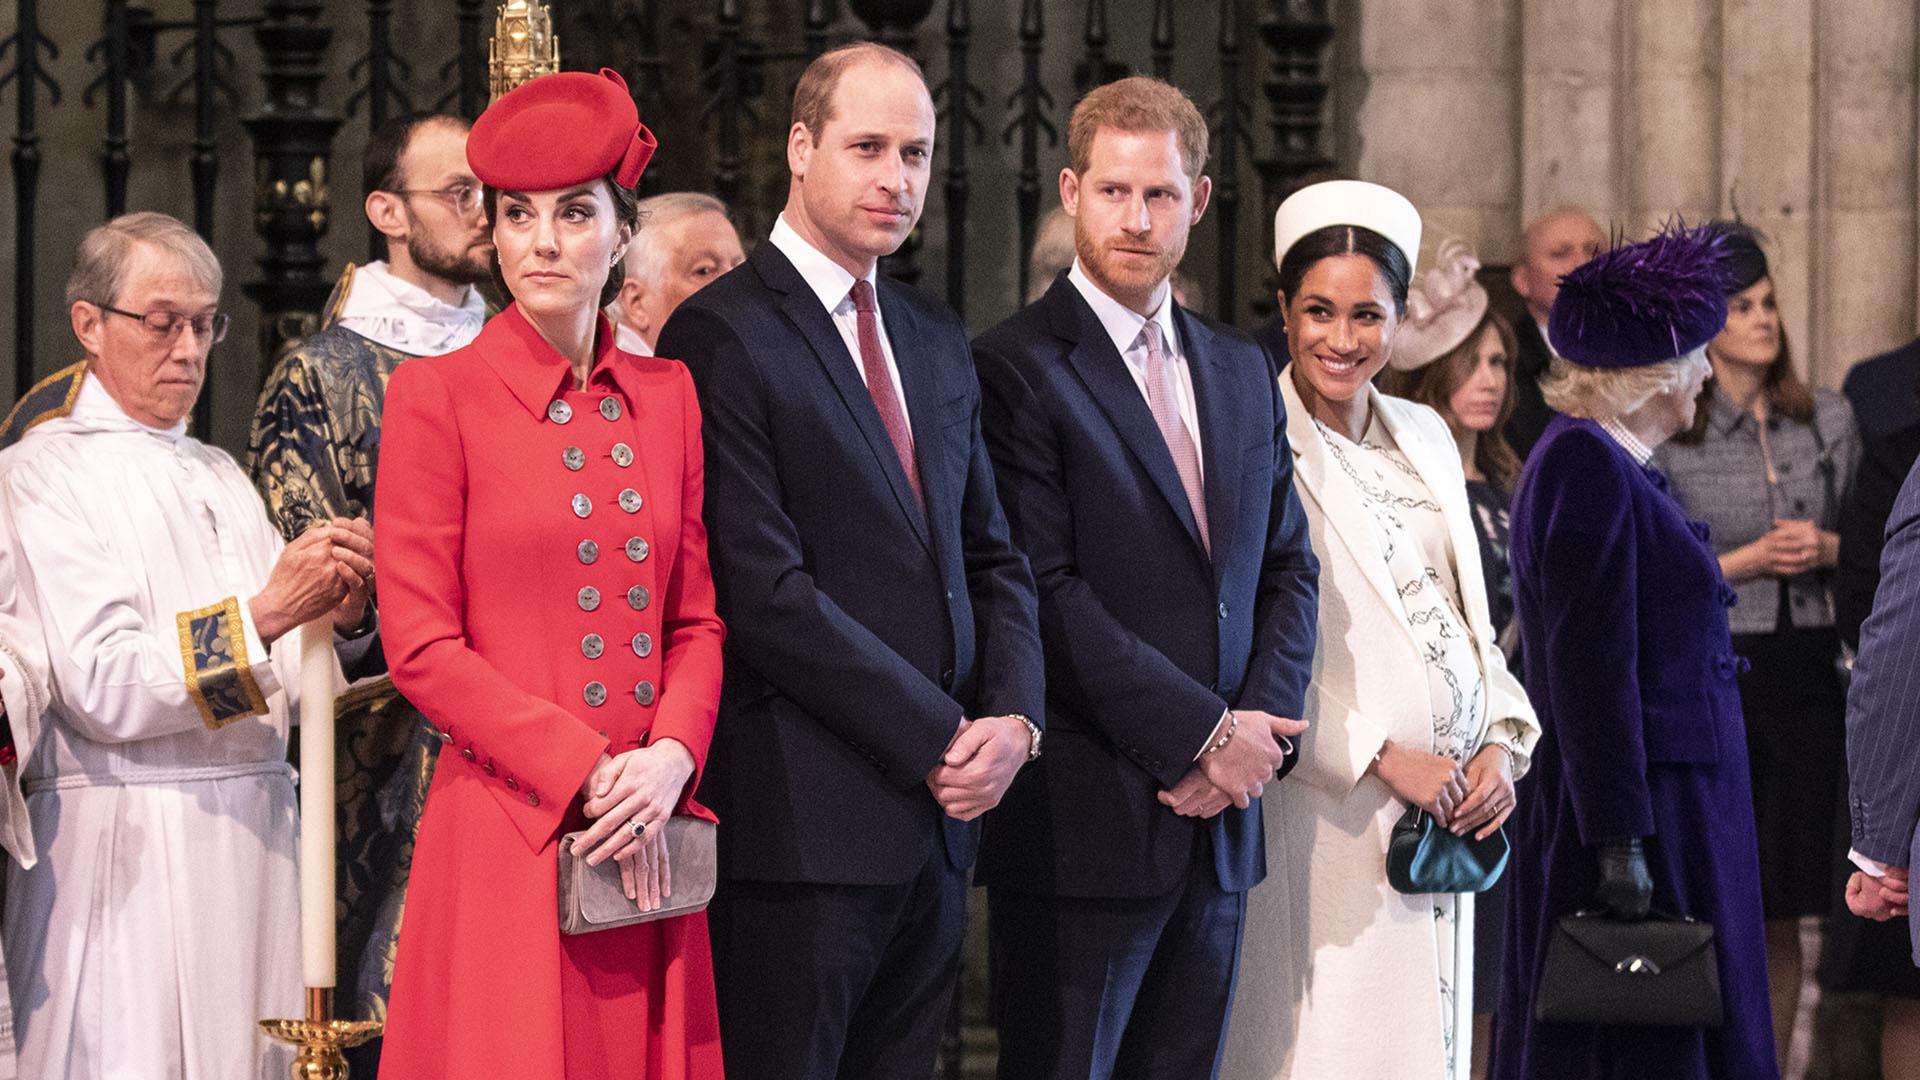 Los Duques de Cambrigde y Sussex junto a la familia real británica festejaron el Día del Commonwealth en la Abadía de Westminister de Londres